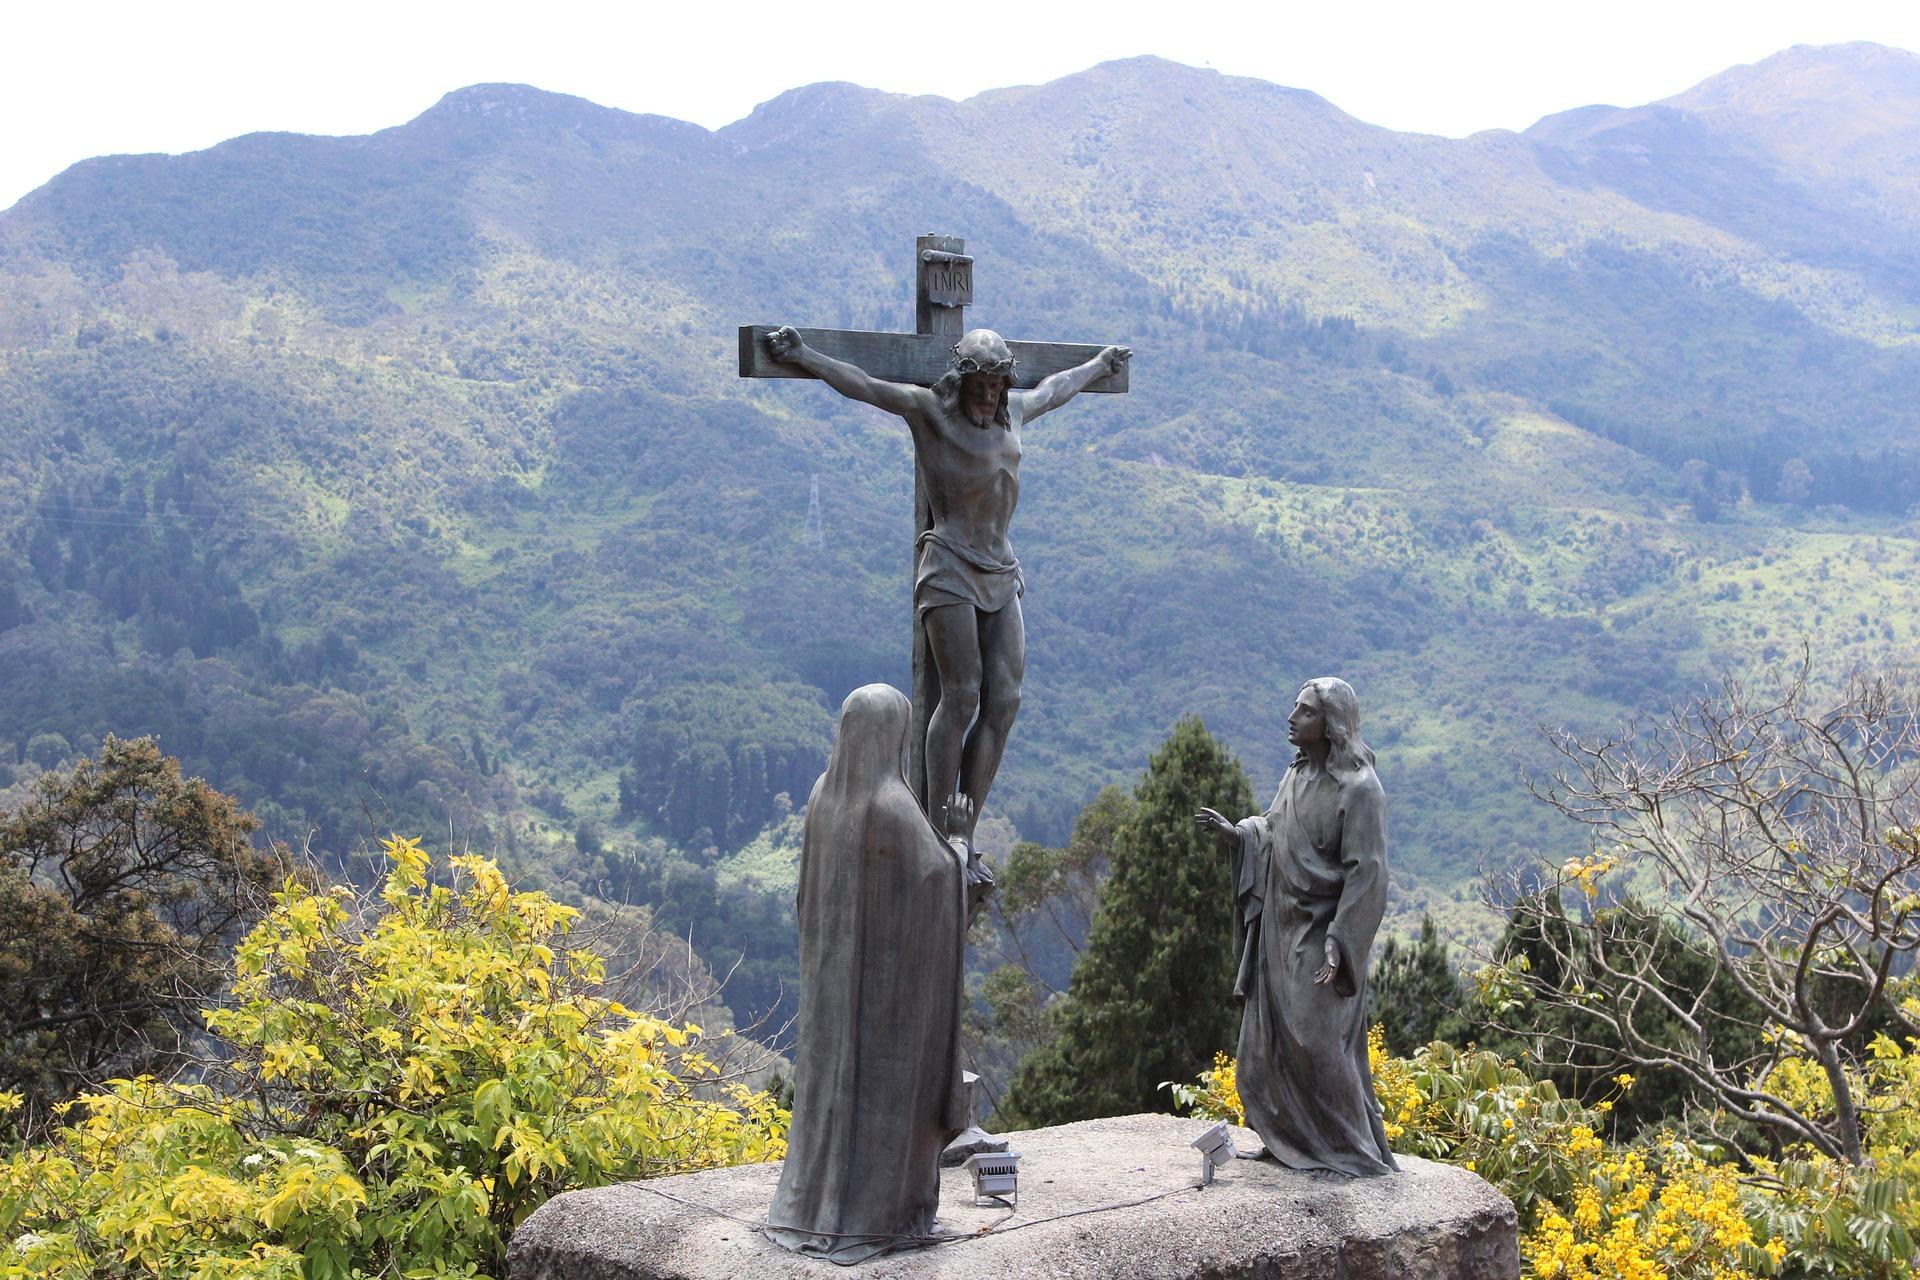 Urlaub in Kolumbien Pauschalreise ab 742,00€ - die Natur um der Hauptstadt herum